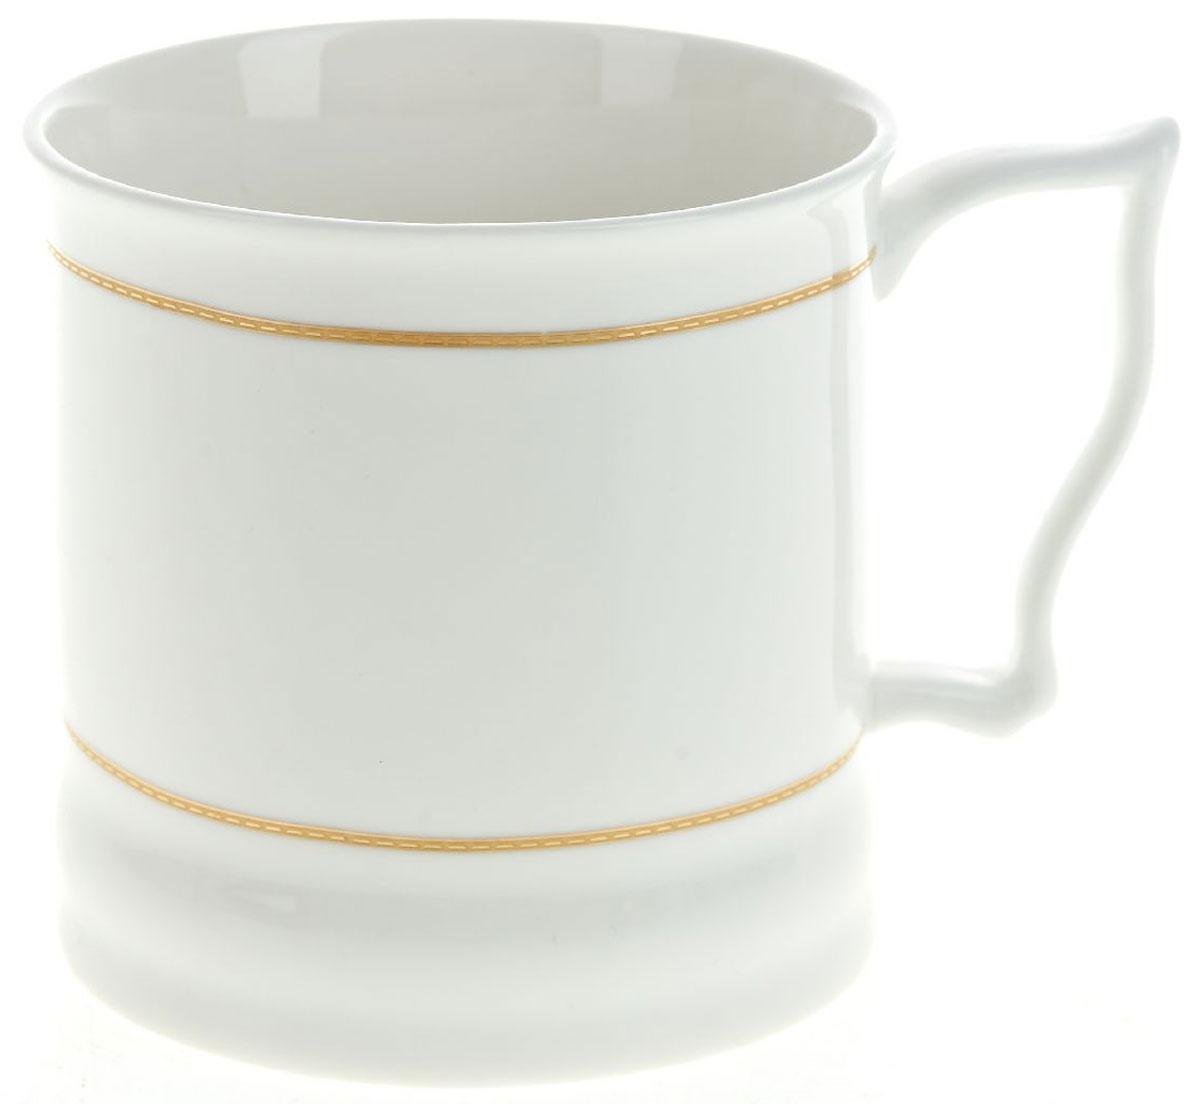 Кружка BHP Королевская кружка, 500 мл. M1870041M1870041Оригинальная кружка Best Home Porcelain, выполненная из высококачественного фарфора, сочетает в себе простой, утонченный дизайн с максимальной функциональностью. Оригинальность оформления придутся по вкусу тем, кто ценит индивидуальность. В комплект входит кружка. Можно использовать в ПММ.